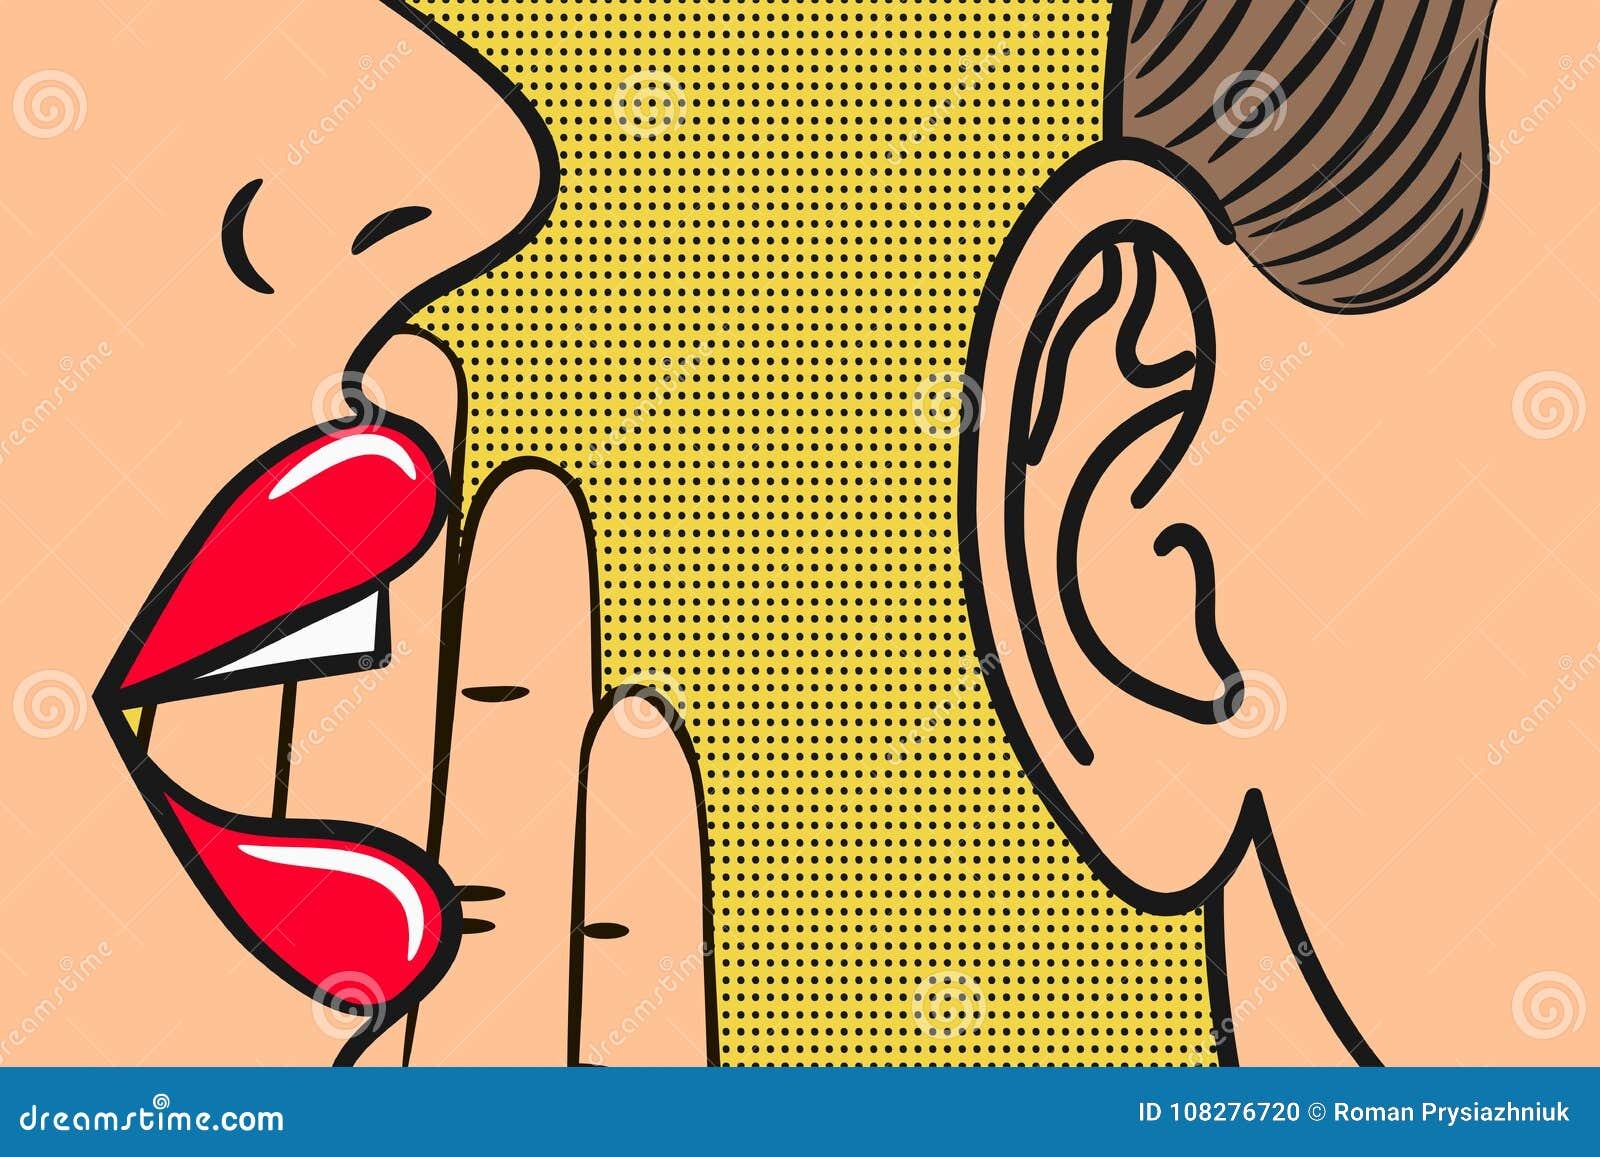 Kobiet wargi z ręką szepcze wewnątrz obsługują ucho z mowa bąblem Wystrzał sztuki styl, komiks ilustracja Sekrety i plotki pojęci